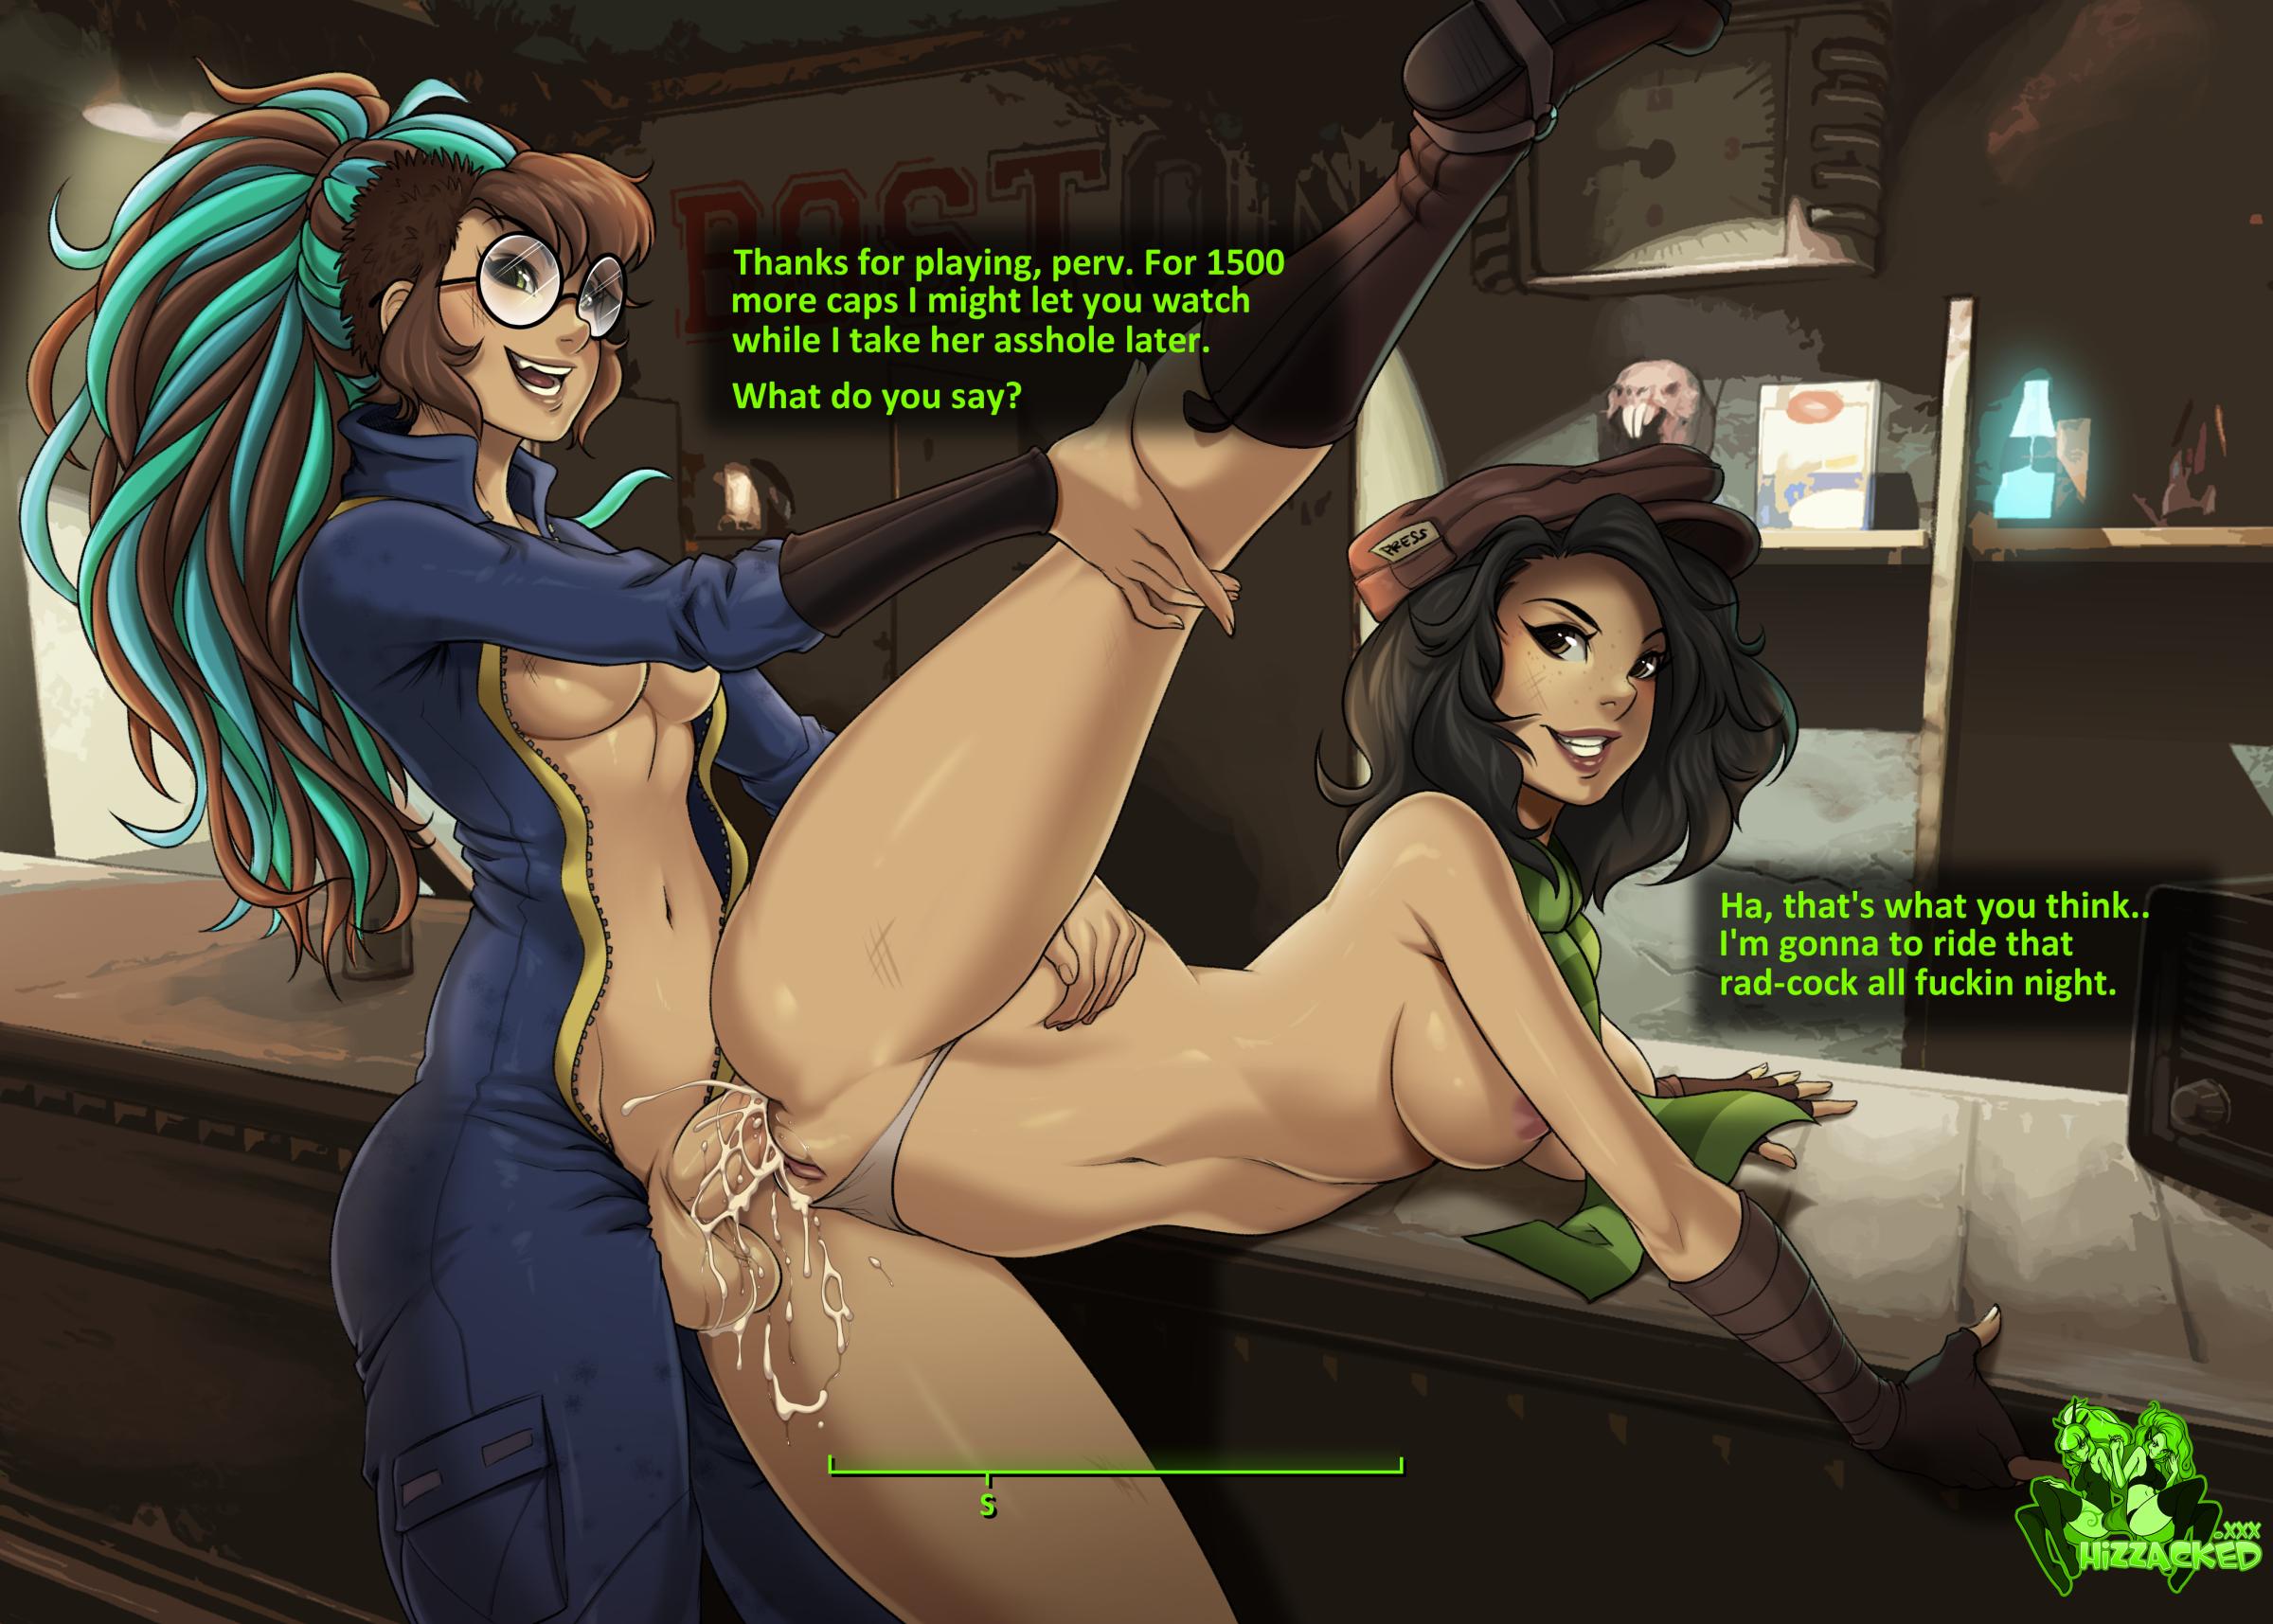 fallout-4-payper-porno